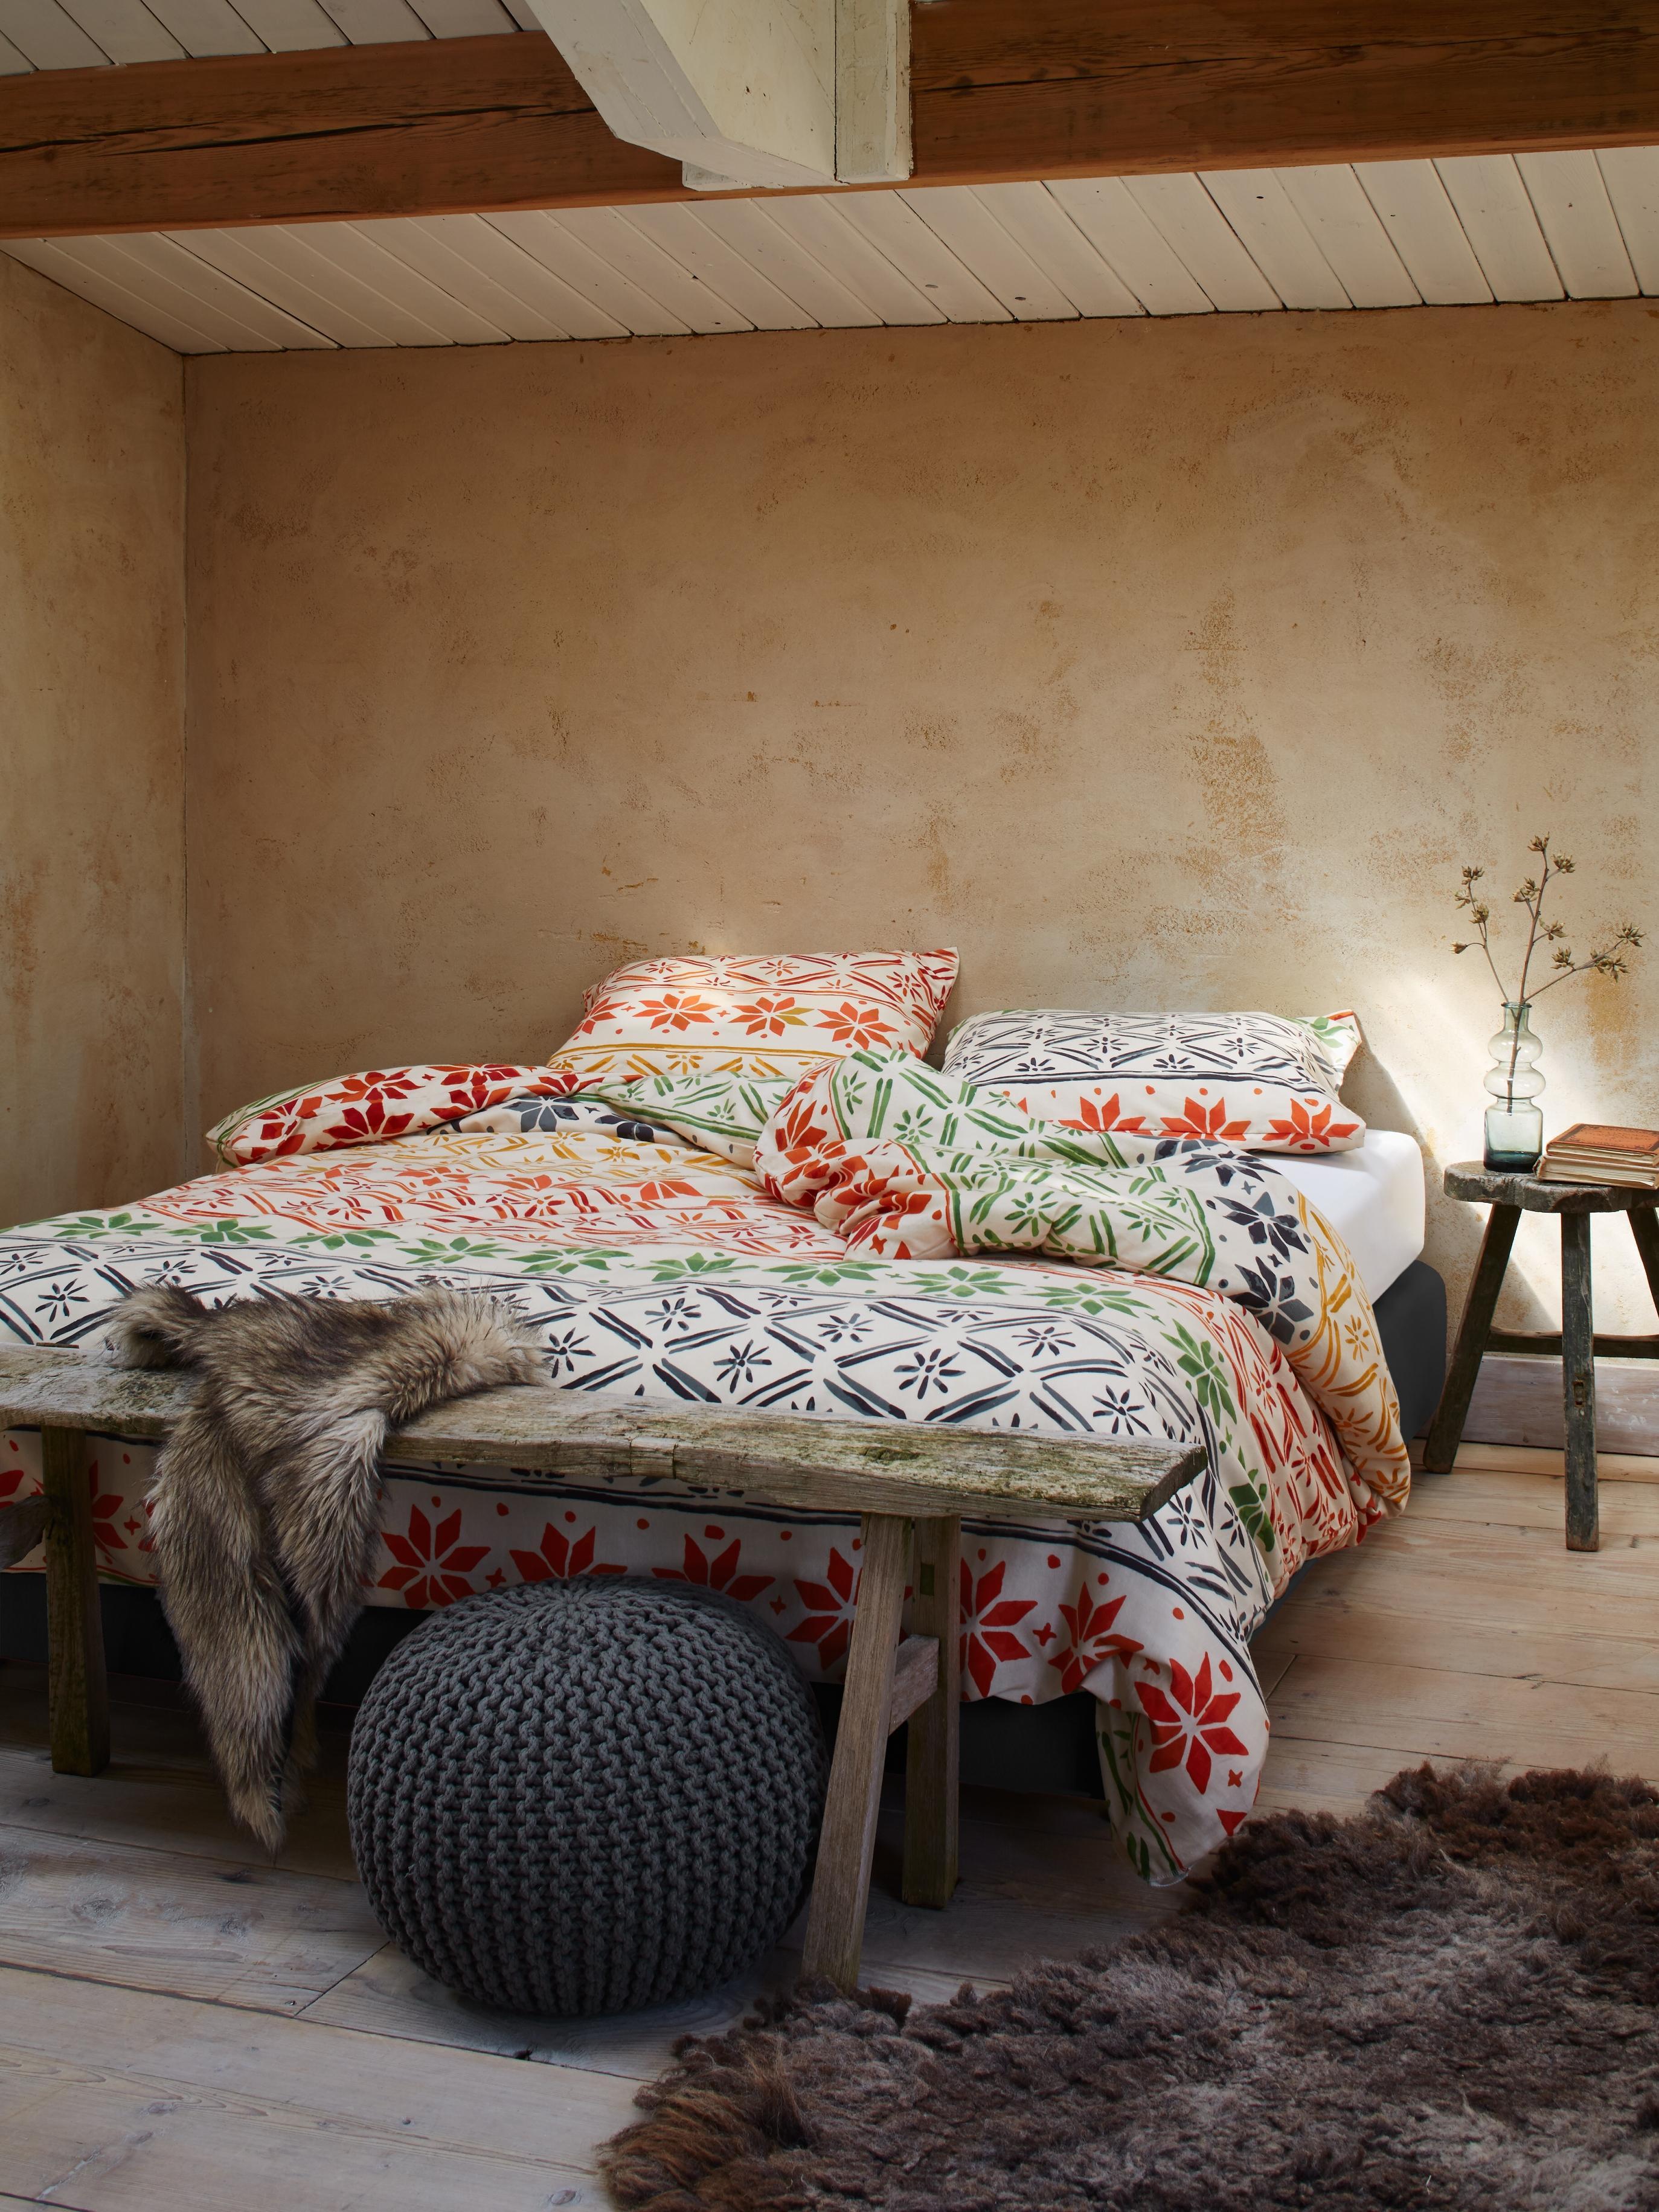 Rauputz Im Schlafzimmer #bett #bettwäsche #grauerpouf #zimmergestaltung  ©Essenza Home/Vanezza